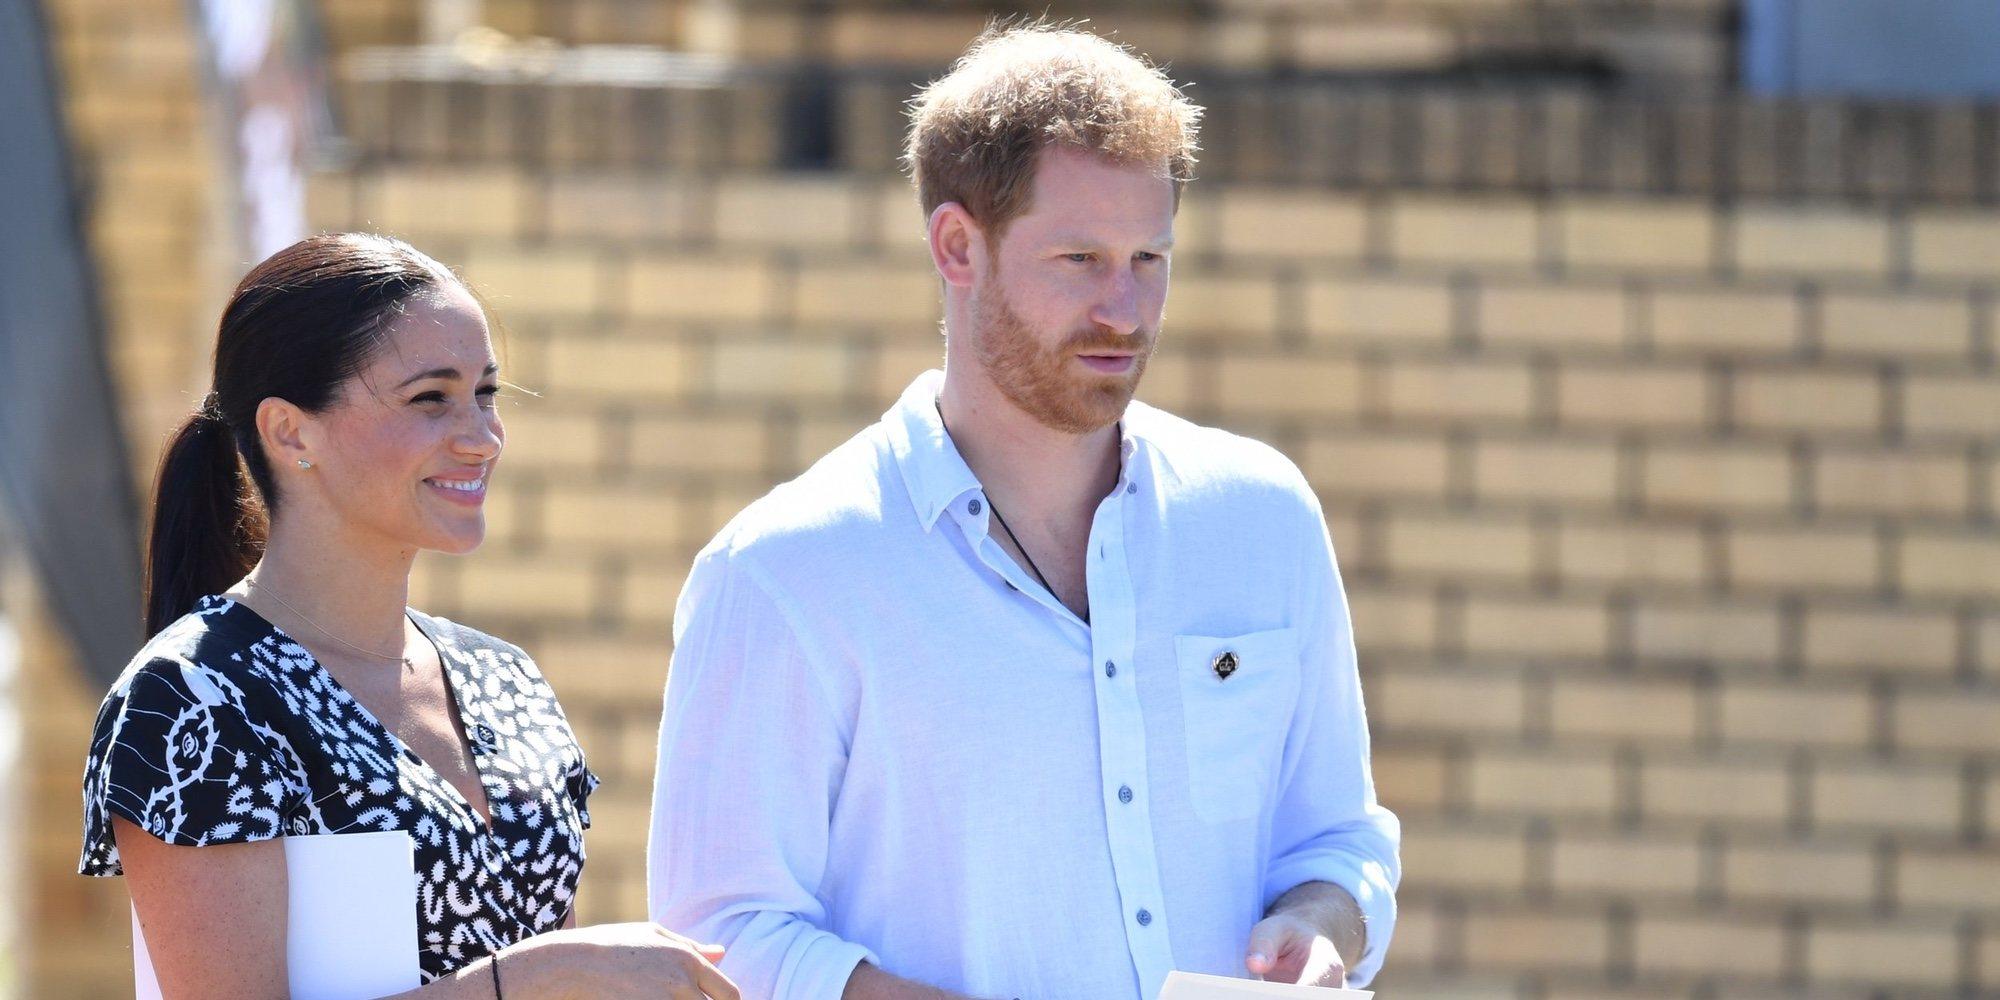 El inviable plan de seguridad del Príncipe Harry y Meghan Markle debido a su coste